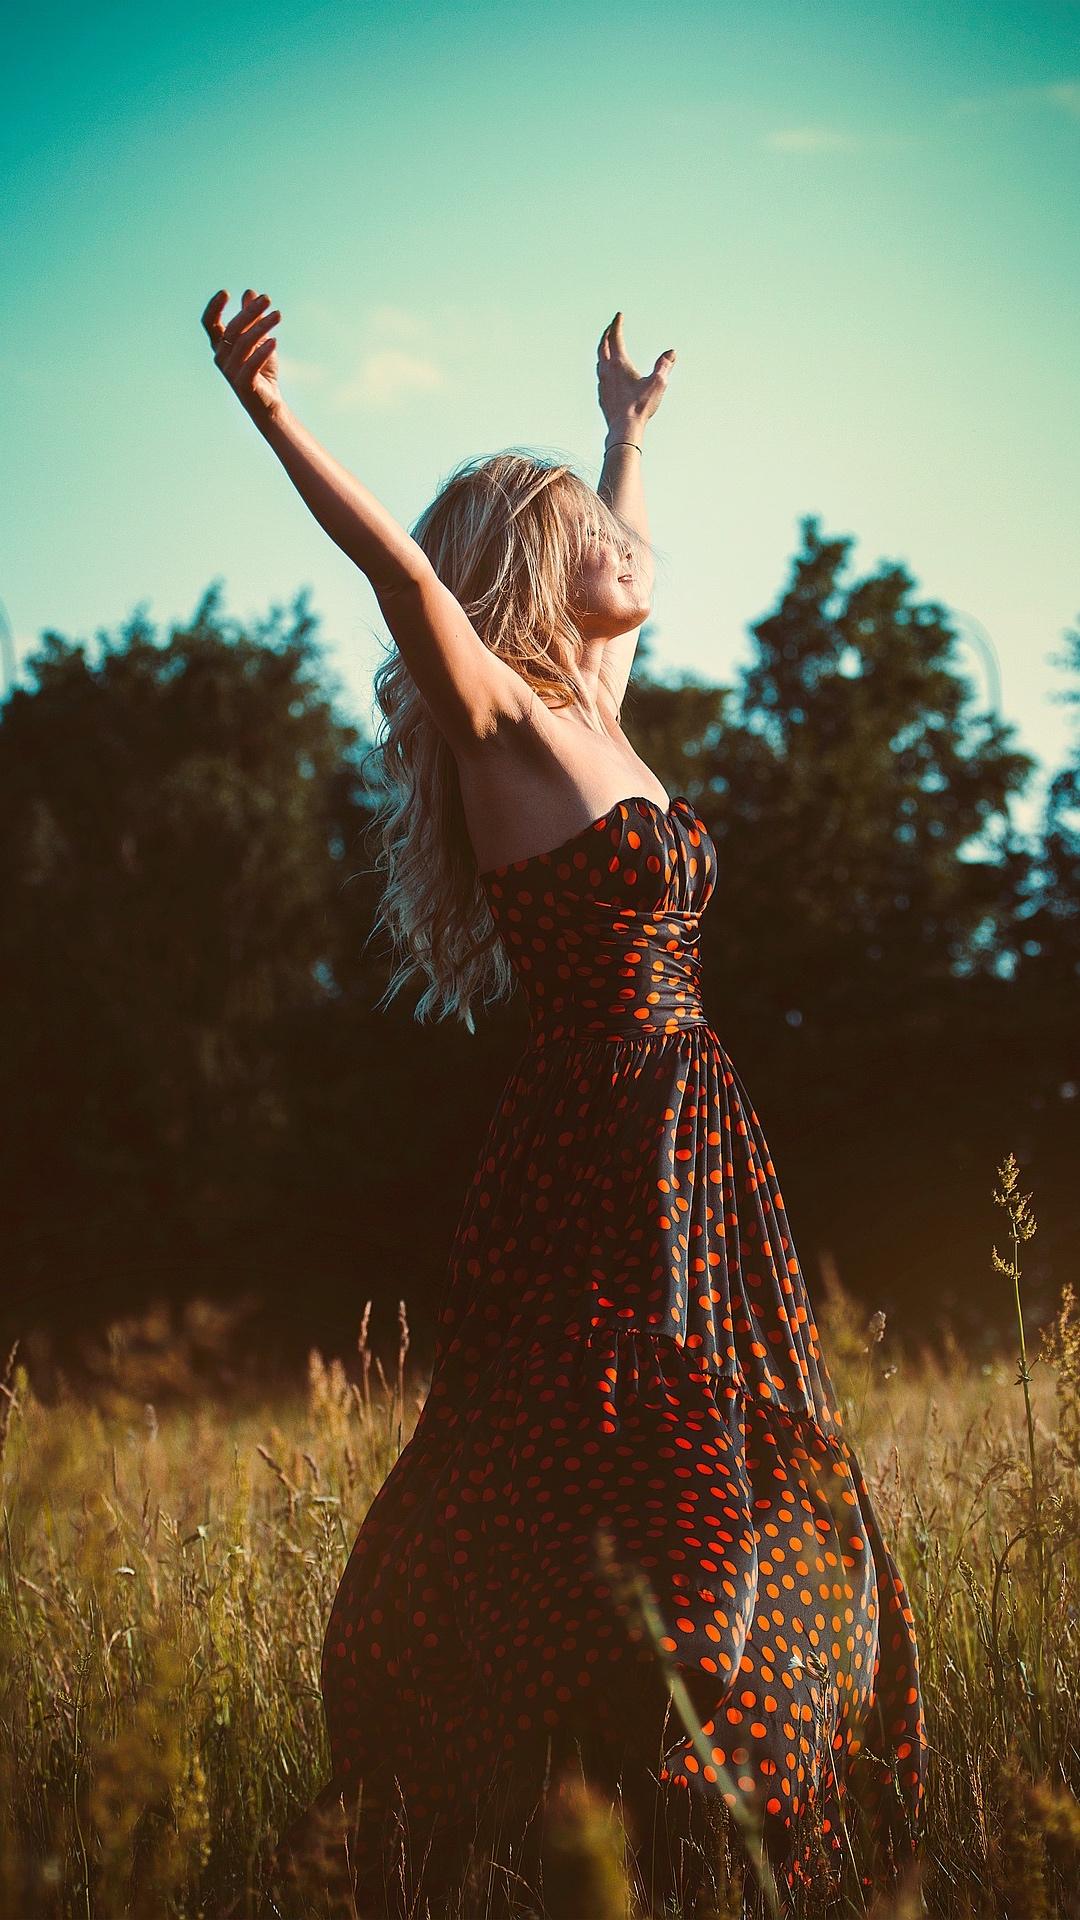 Sei bella - E non per quel filo di trucco.Sei bella per quanta vita ti è passata addosso,per i sogni che hai dentroe che non conosco.Bella per tutte le volte che toccava a te,ma avanti il prossimo.Per le parole spese invanoe per quelle cercate lontano.Per ogni lacrima scesae per quelle nascoste di notteal chiaro di luna complice.Per il sorriso che provi,le attenzioni che non trovi,per le emozioni che sentie la speranza che inventi.Sei bella semplicemente,come un fiore raccolto in fretta,come un dono inaspettato,come uno sguardo rubatoo un abbraccio sentito.Sei bellae non importa che il mondo sappia,sei bella davvero,ma solo per chi ti sa guardare.Angelo De Pascalis